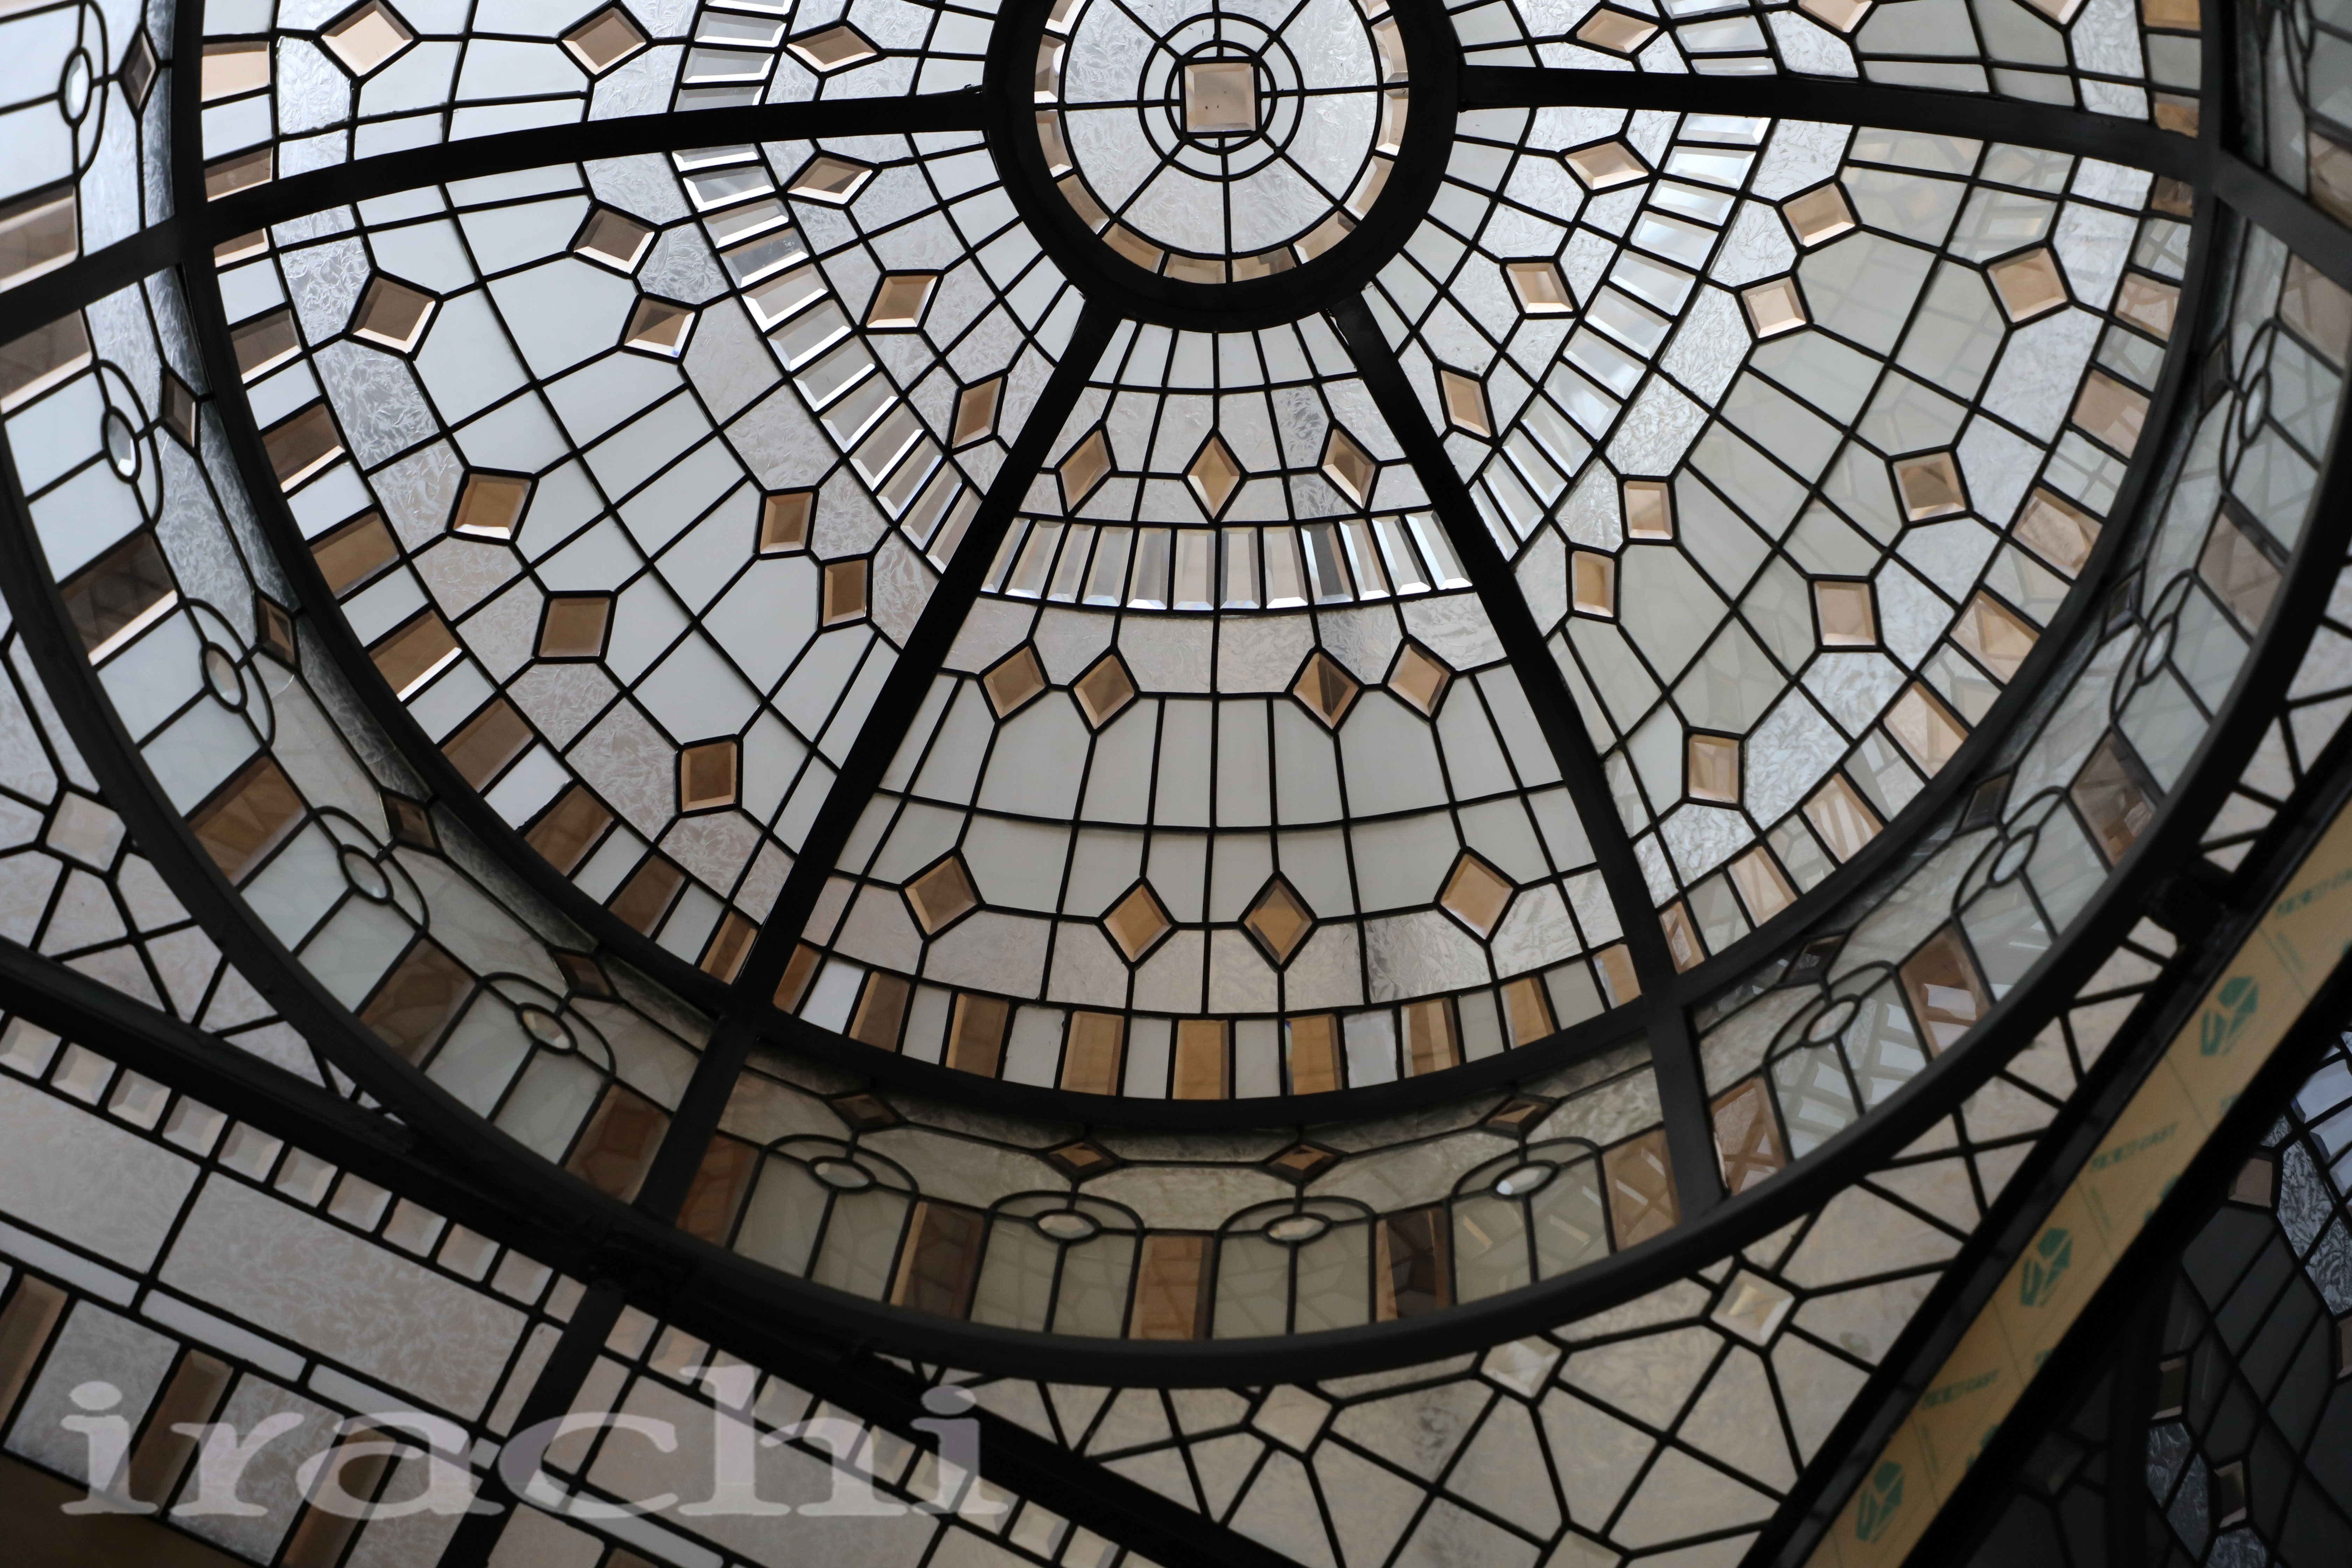 گنبد شیشه ای استین گلاس در نارنجستان پاسداران